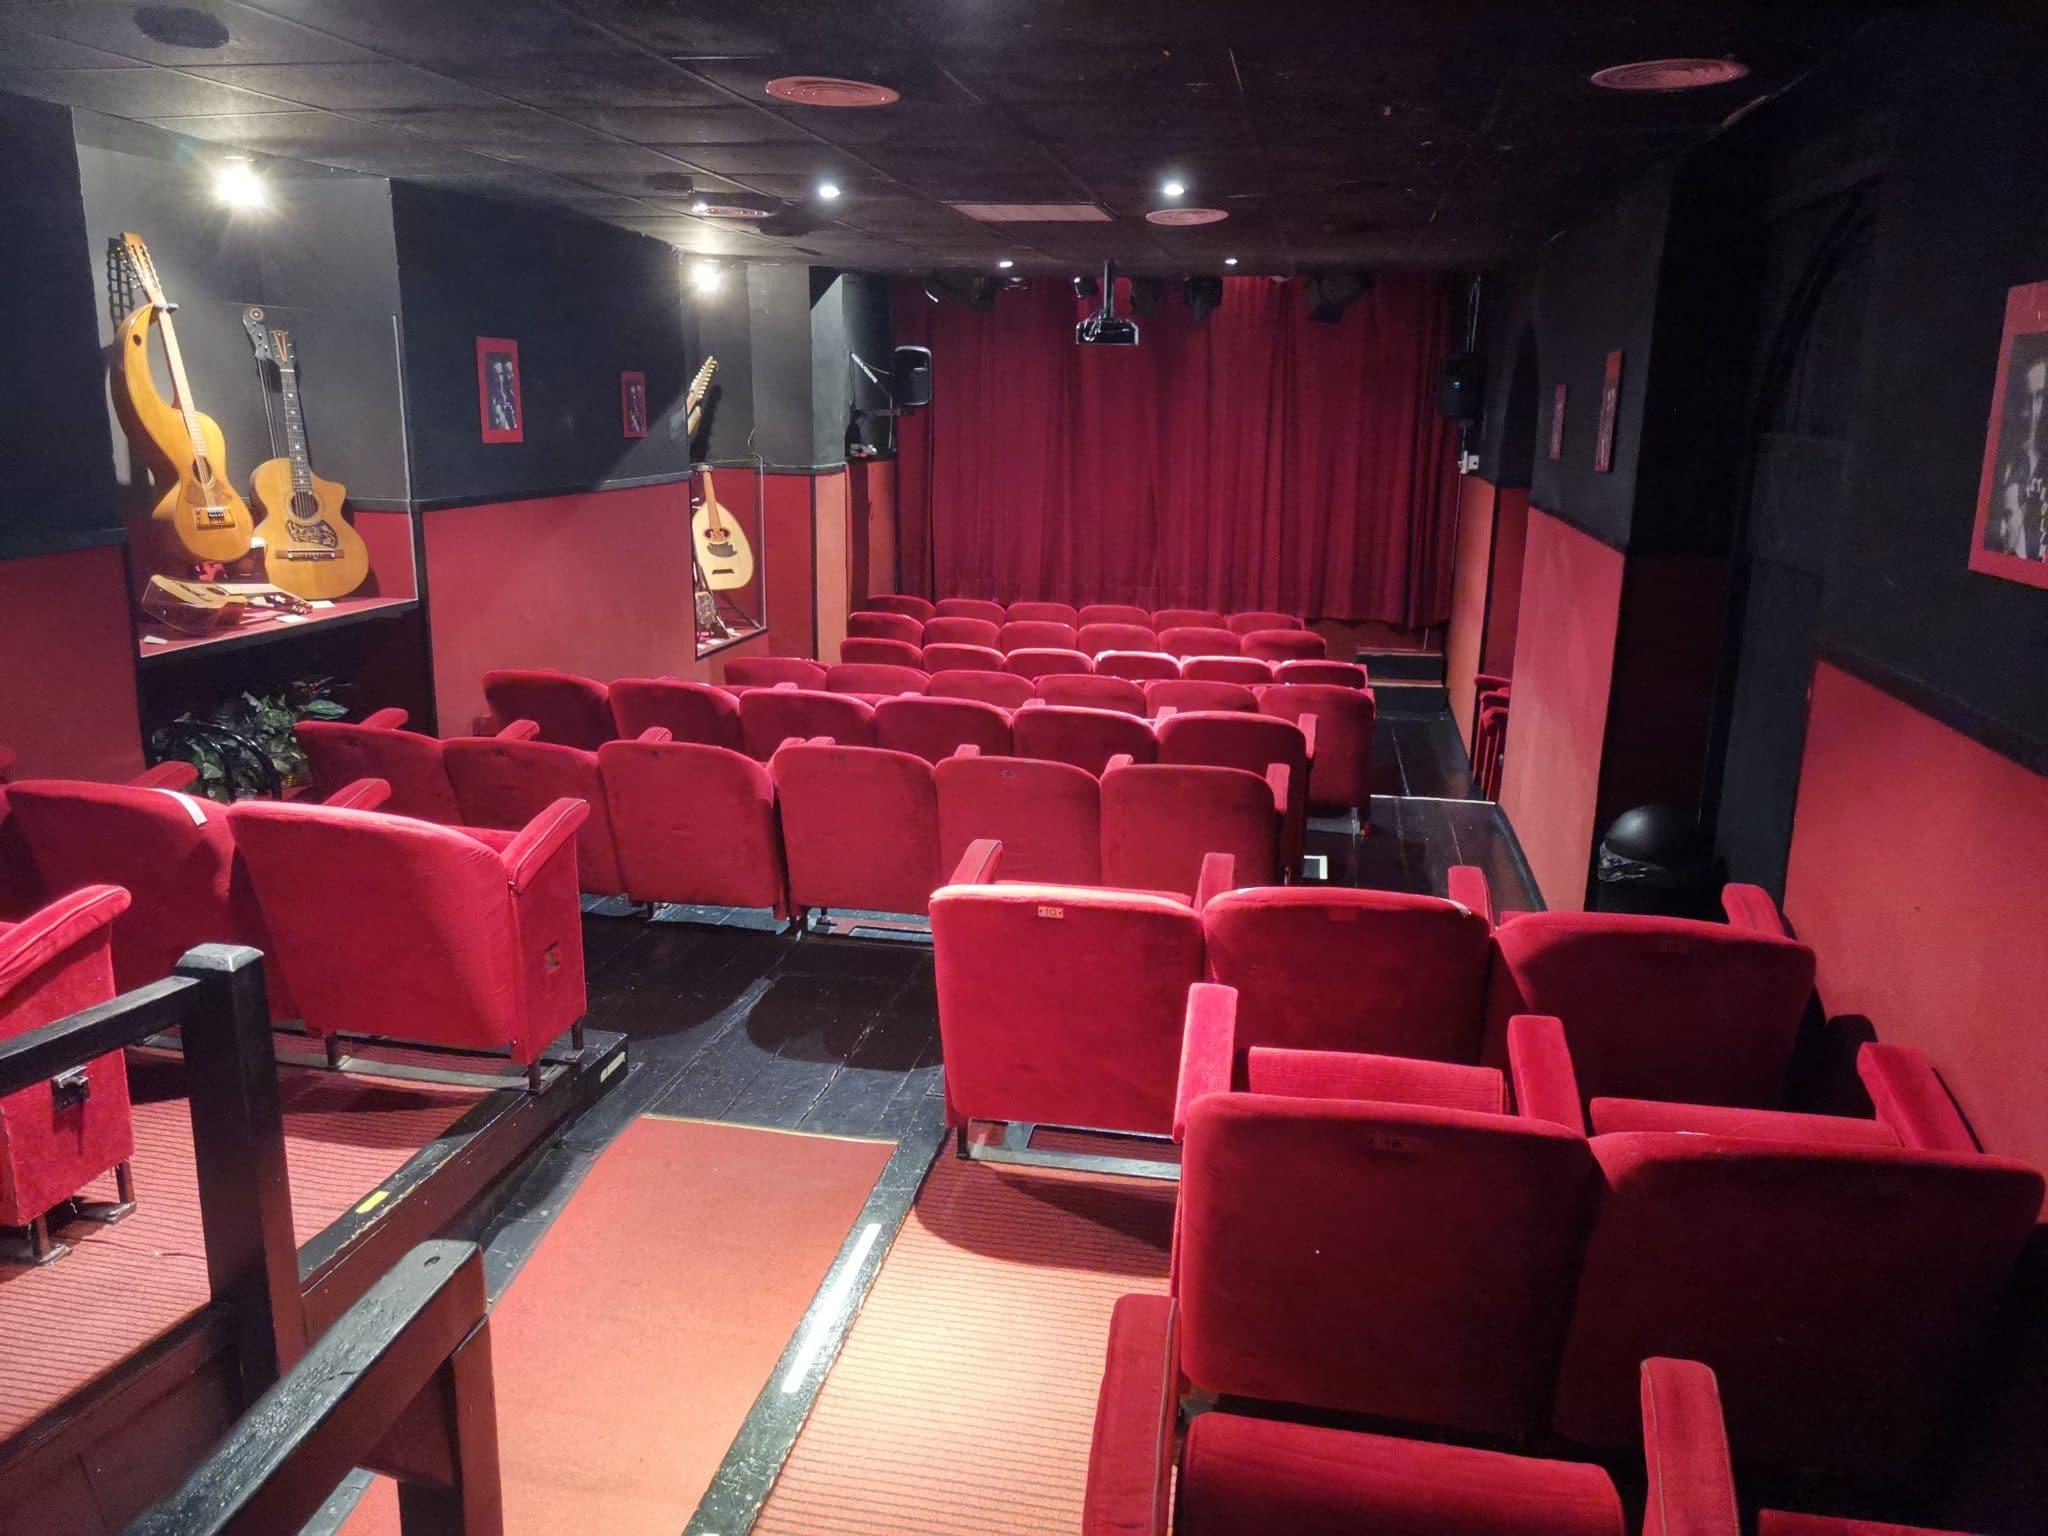 sala petrolini - Teatro Petrolini Roma